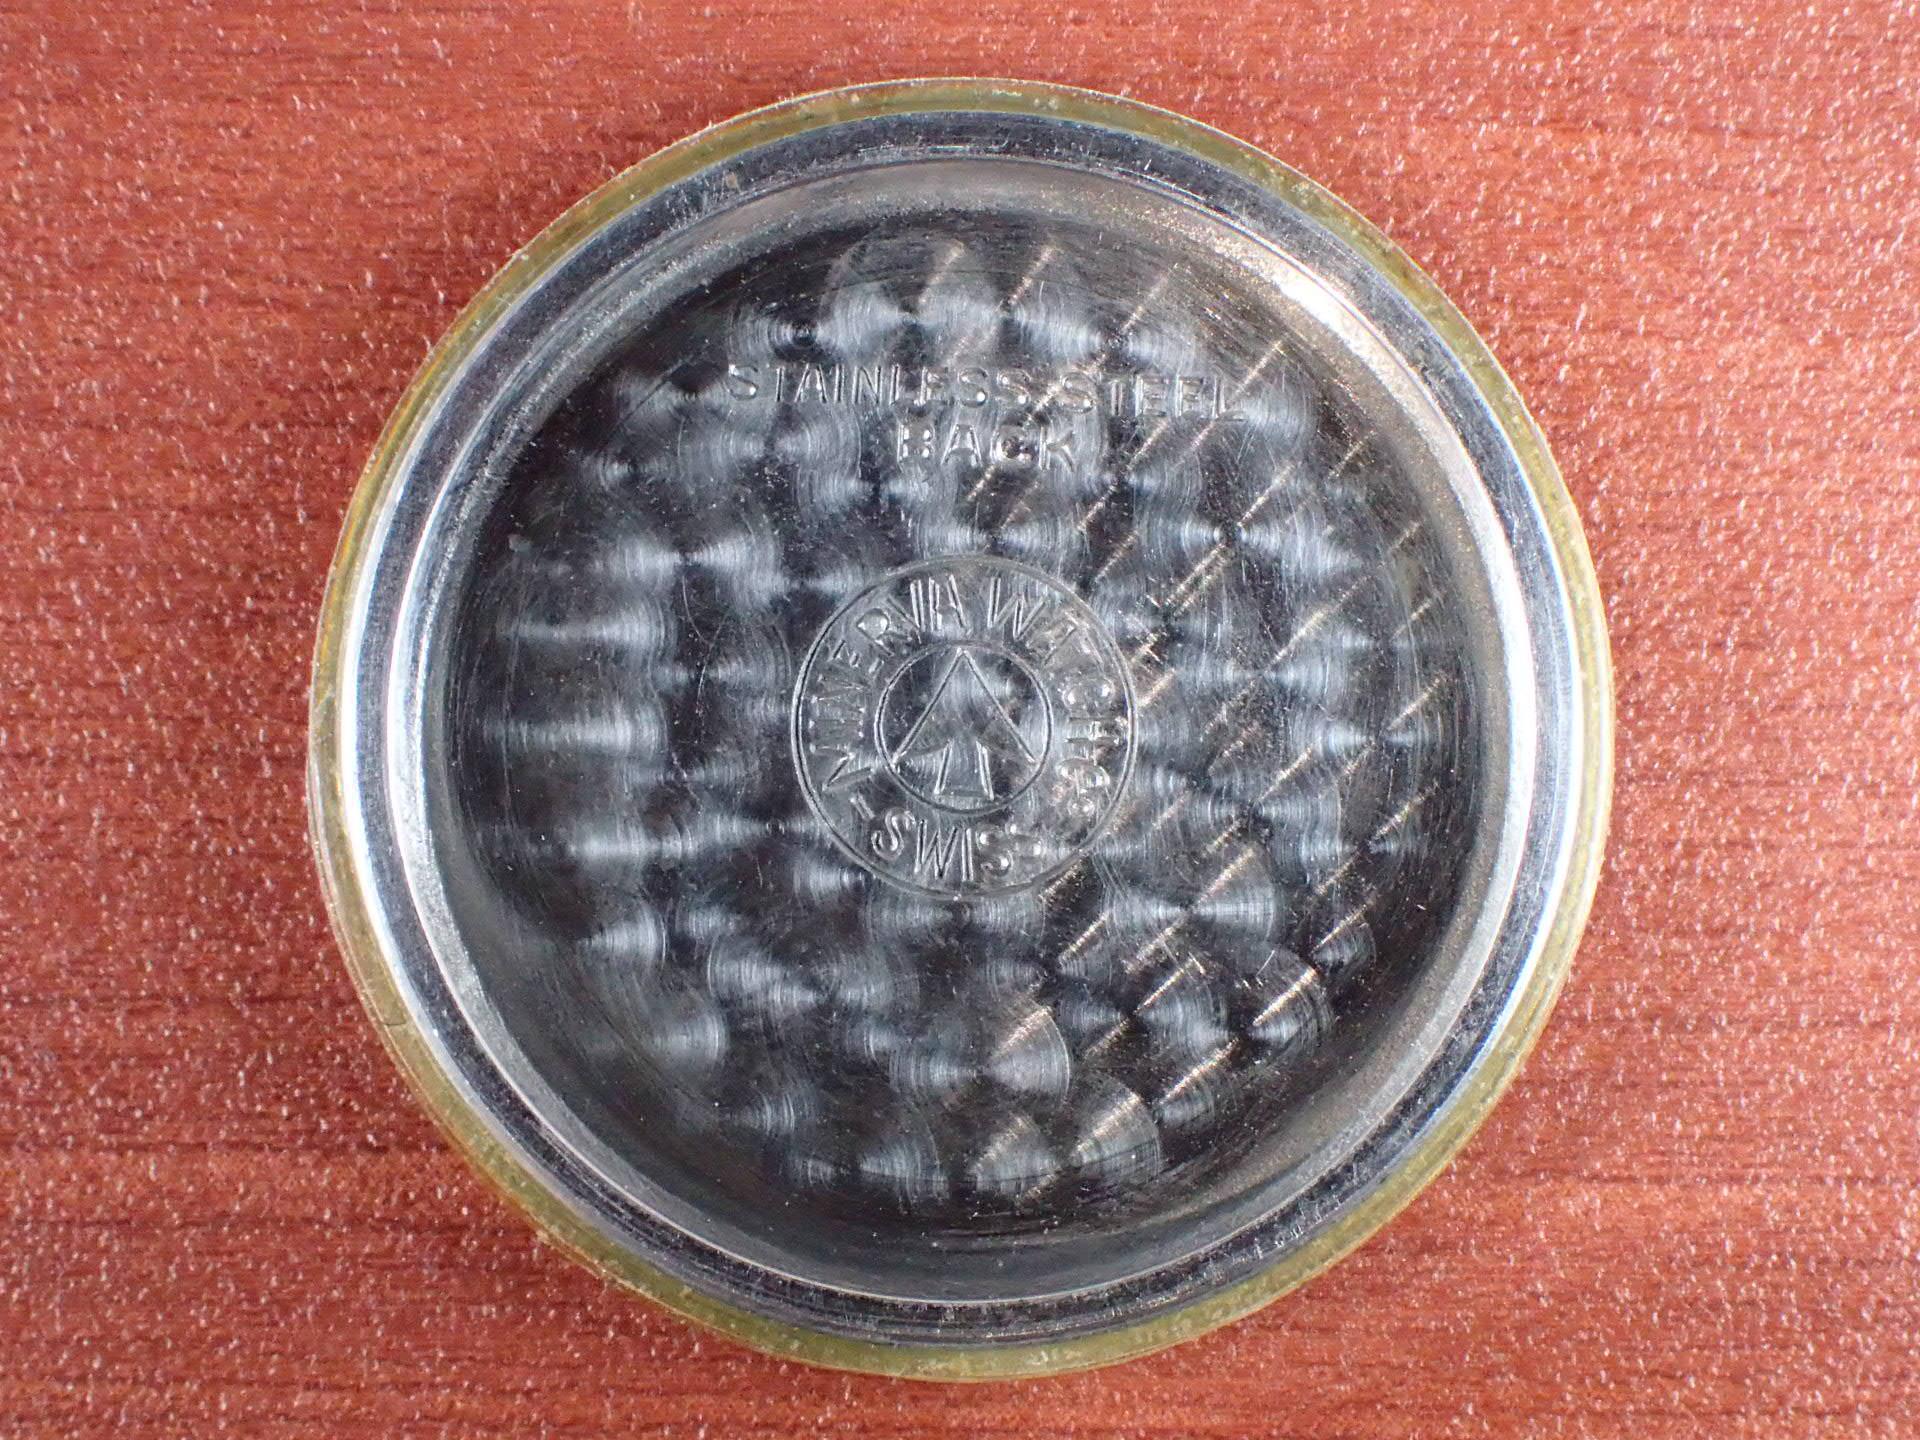 ミネルバ キャリバー49 2トーンダイアル スクリューバック 1940年代の写真6枚目